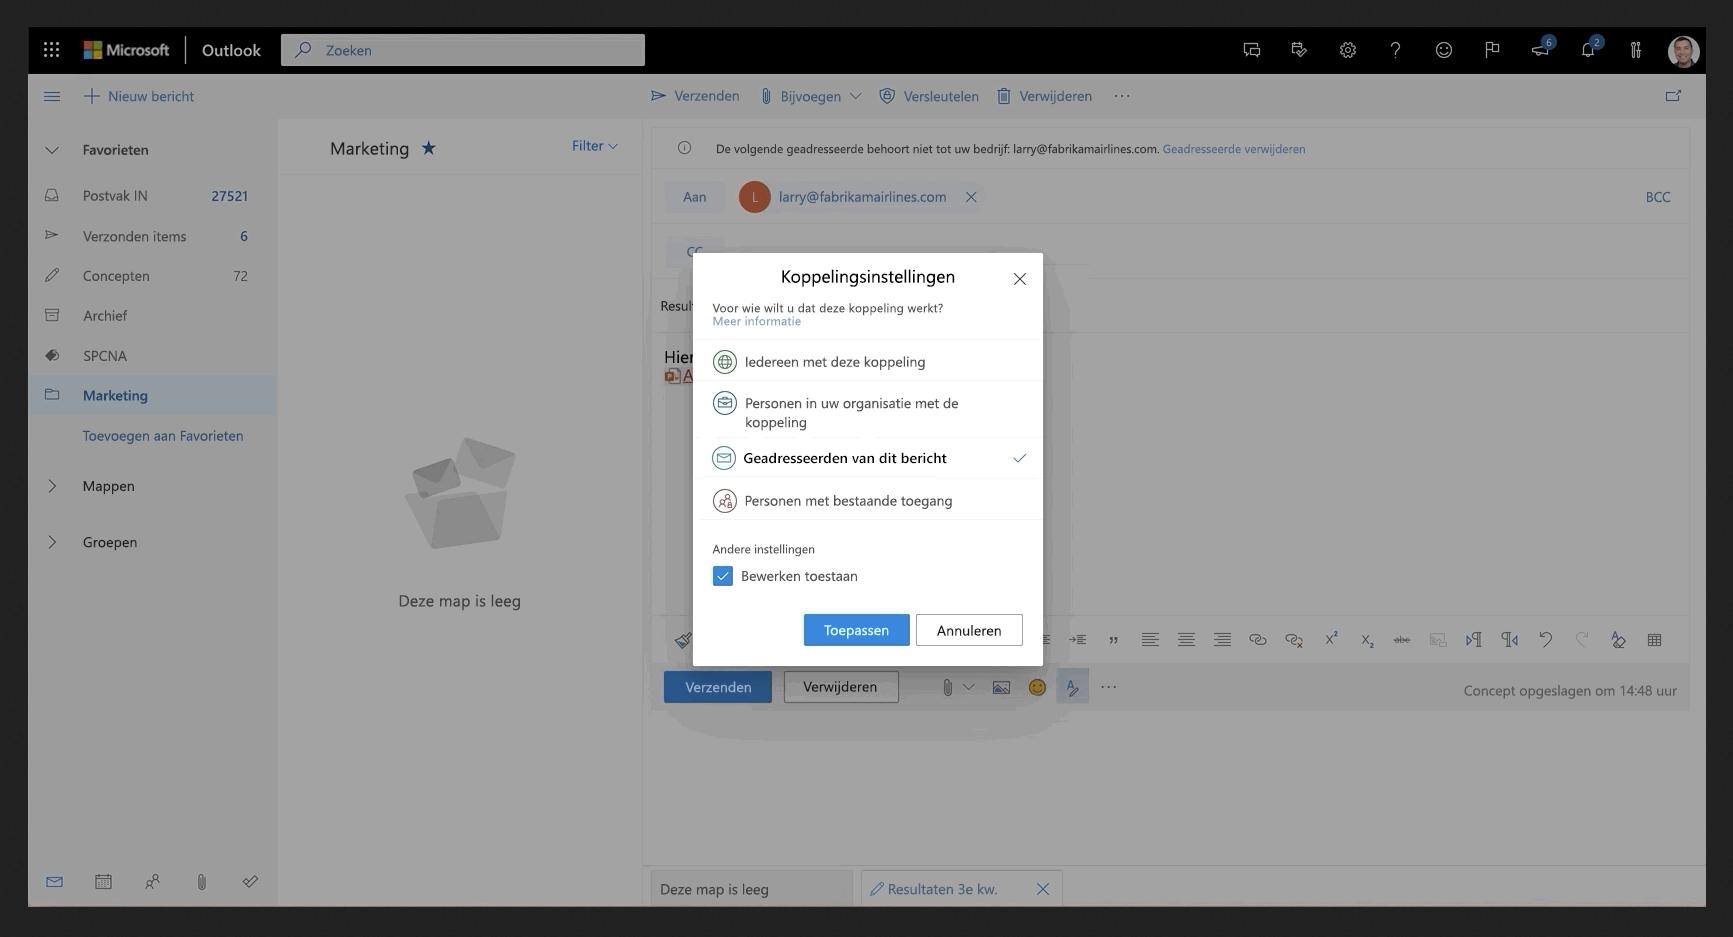 Afbeelding van een gedeeld bestand in Outlook.